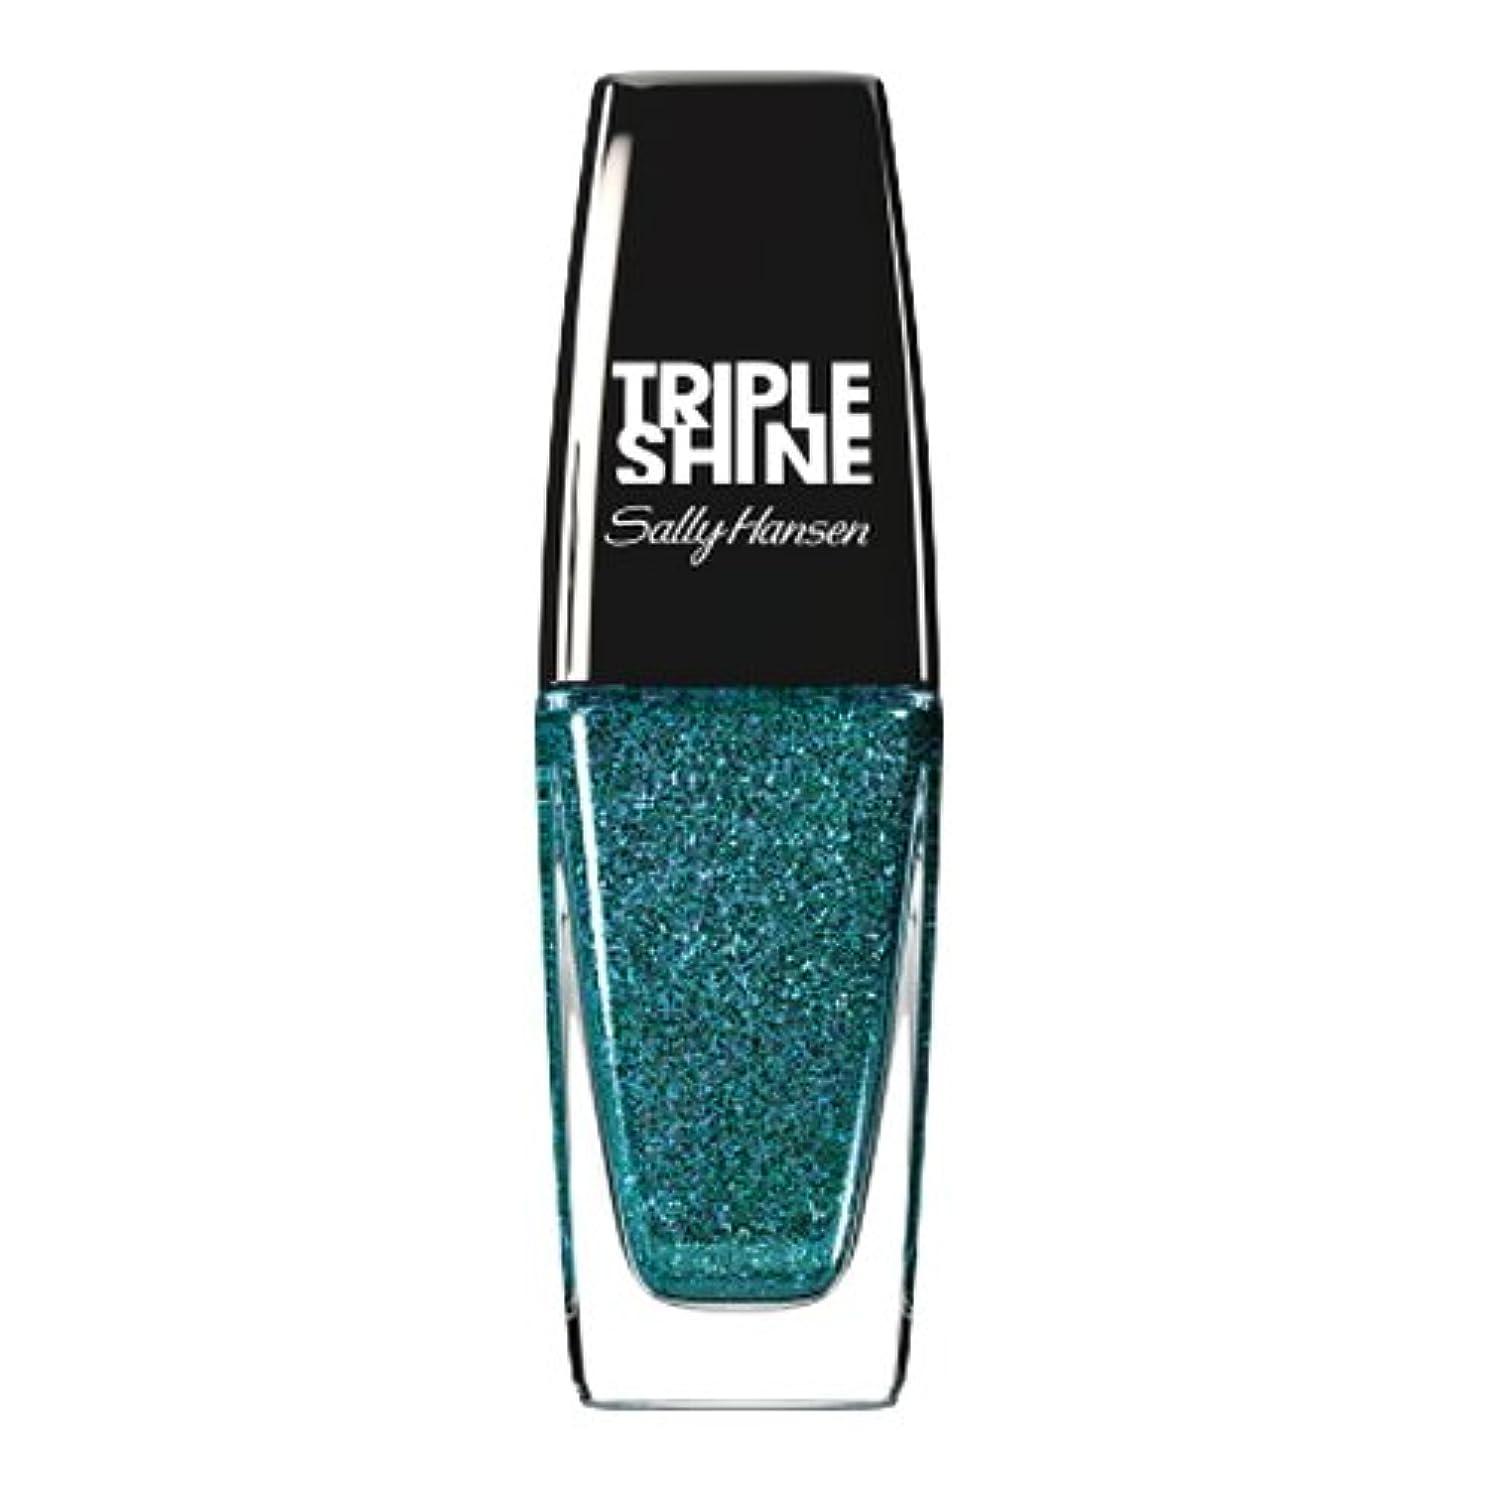 取るに足らない雑品監査SALLY HANSEN Triple Shine Nail Polish - Sparkling Water (並行輸入品)